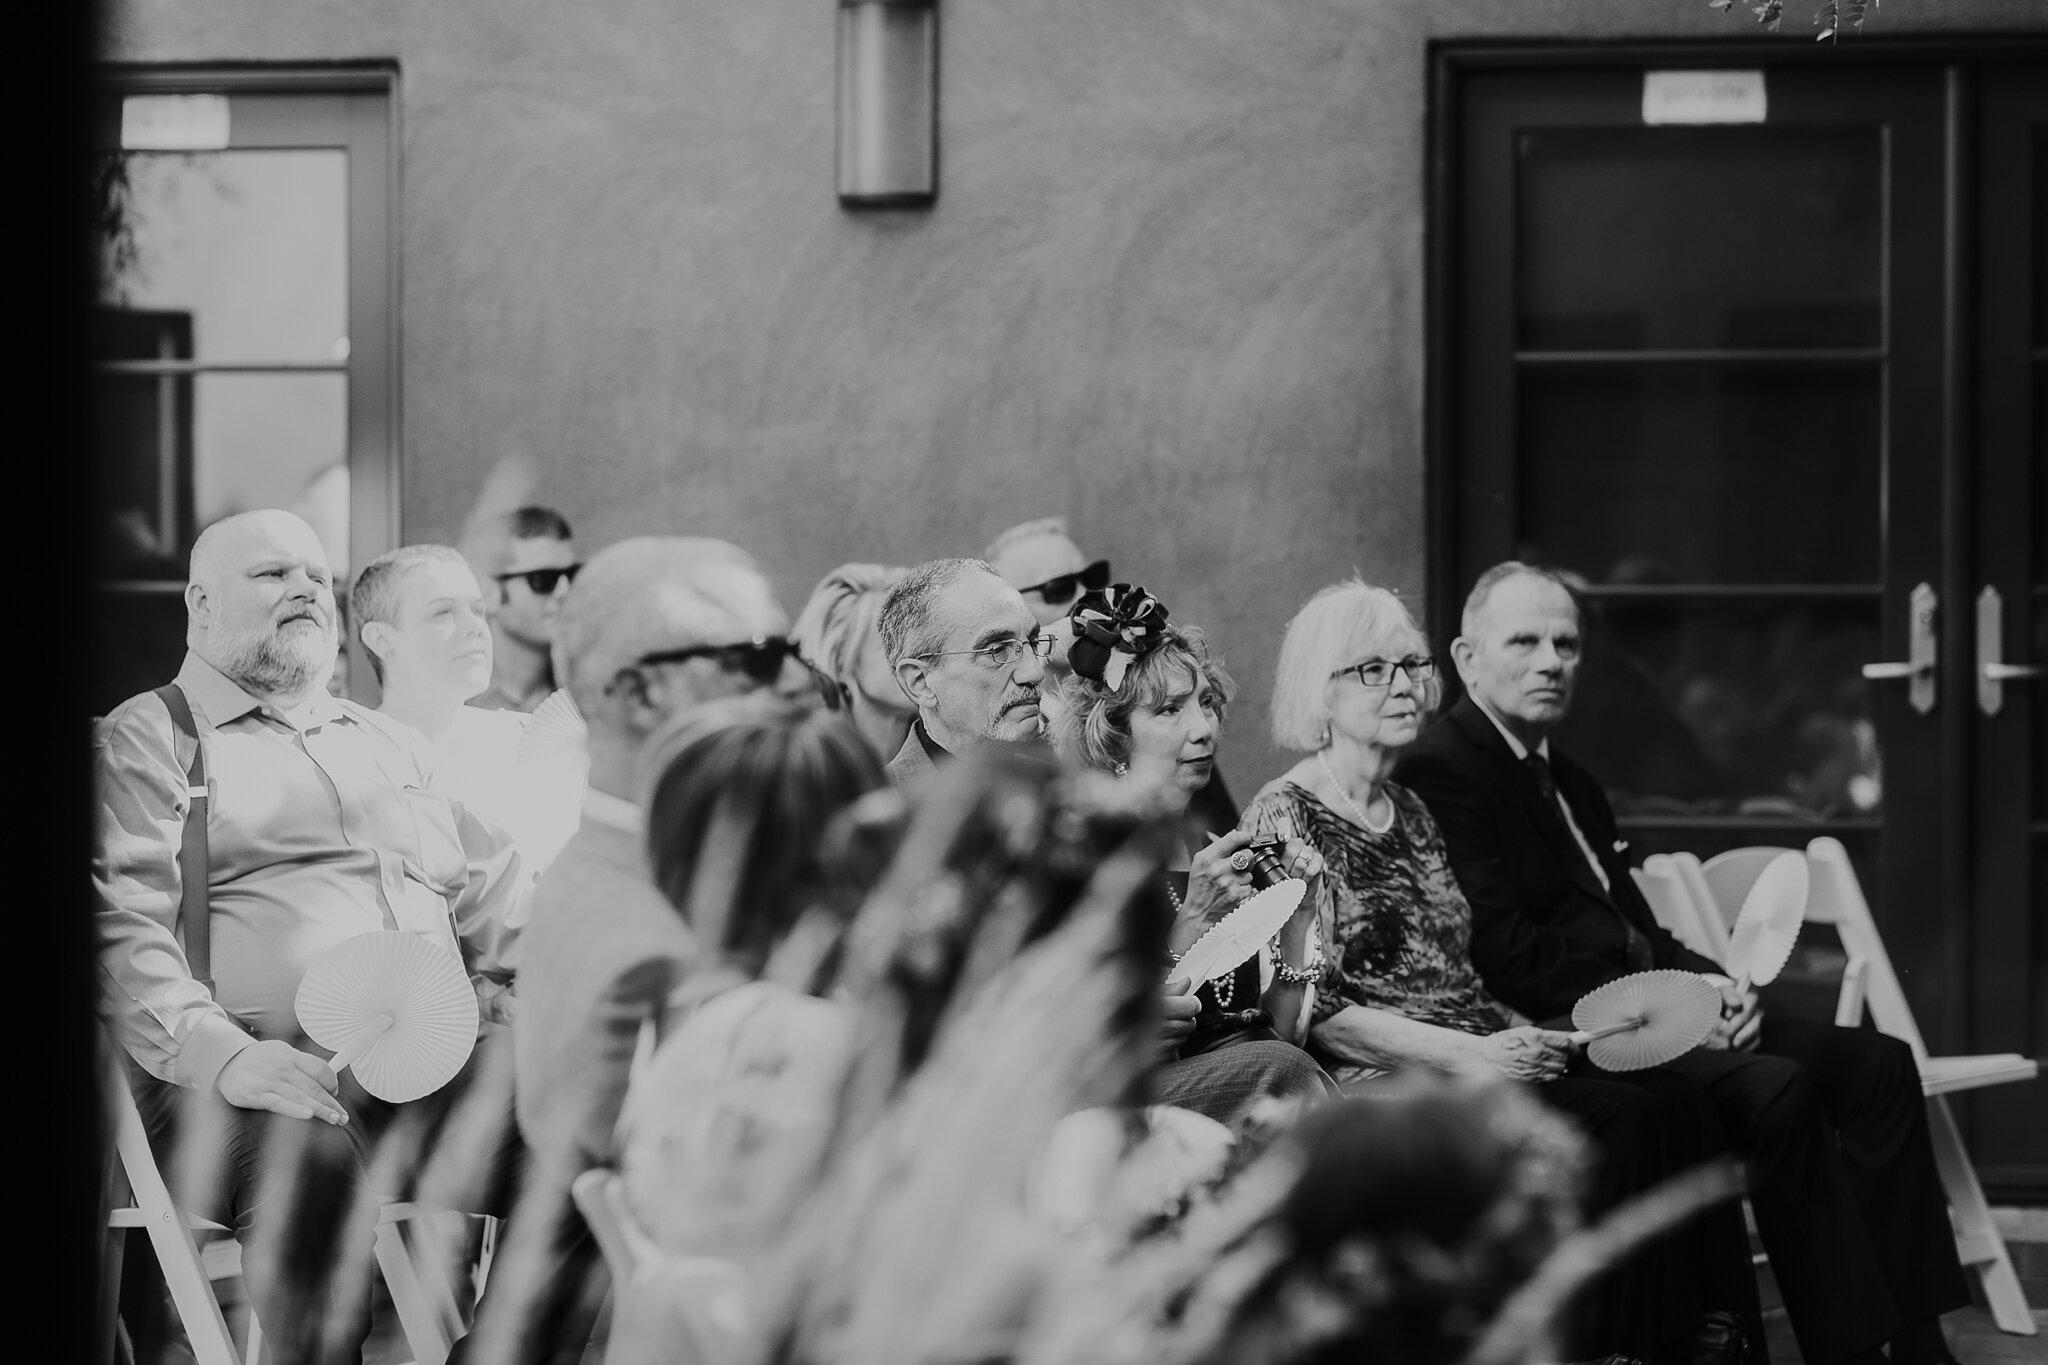 Alicia+lucia+photography+-+albuquerque+wedding+photographer+-+santa+fe+wedding+photography+-+new+mexico+wedding+photographer+-+new+mexico+wedding+-+bed+and+breakfast+wedding+-+sarabande+wedding+-+sarabande+bed+and+breakfast+wedding_0062.jpg